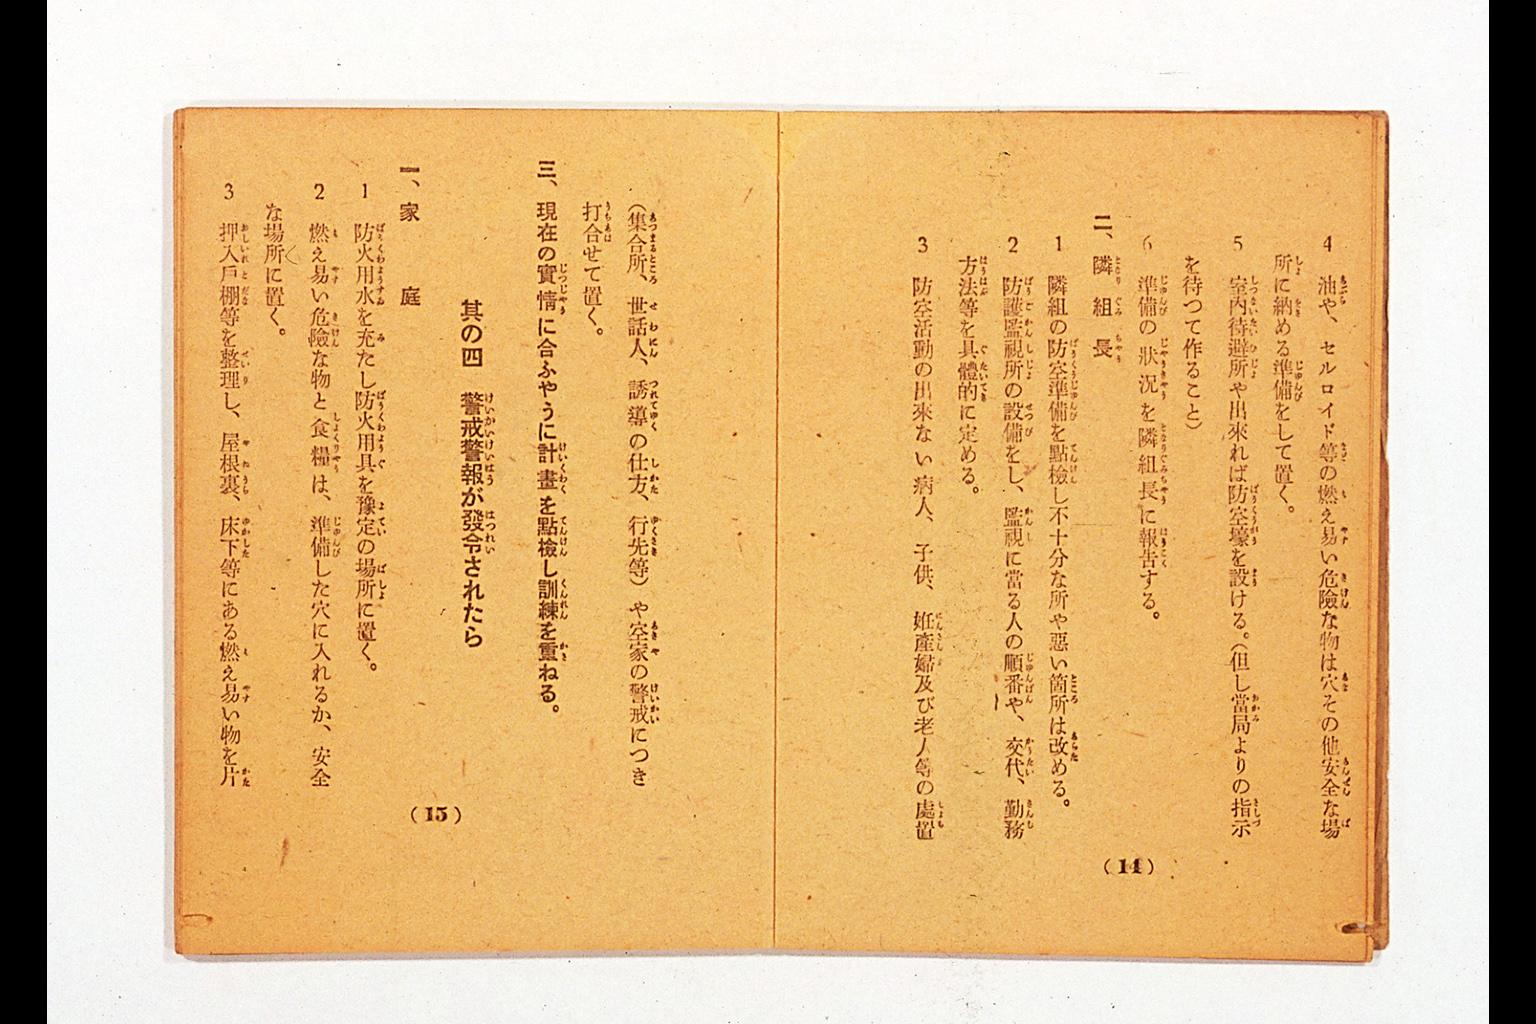 時局防空必携(拡大画像 13-35) | 史料にみる日本の近代